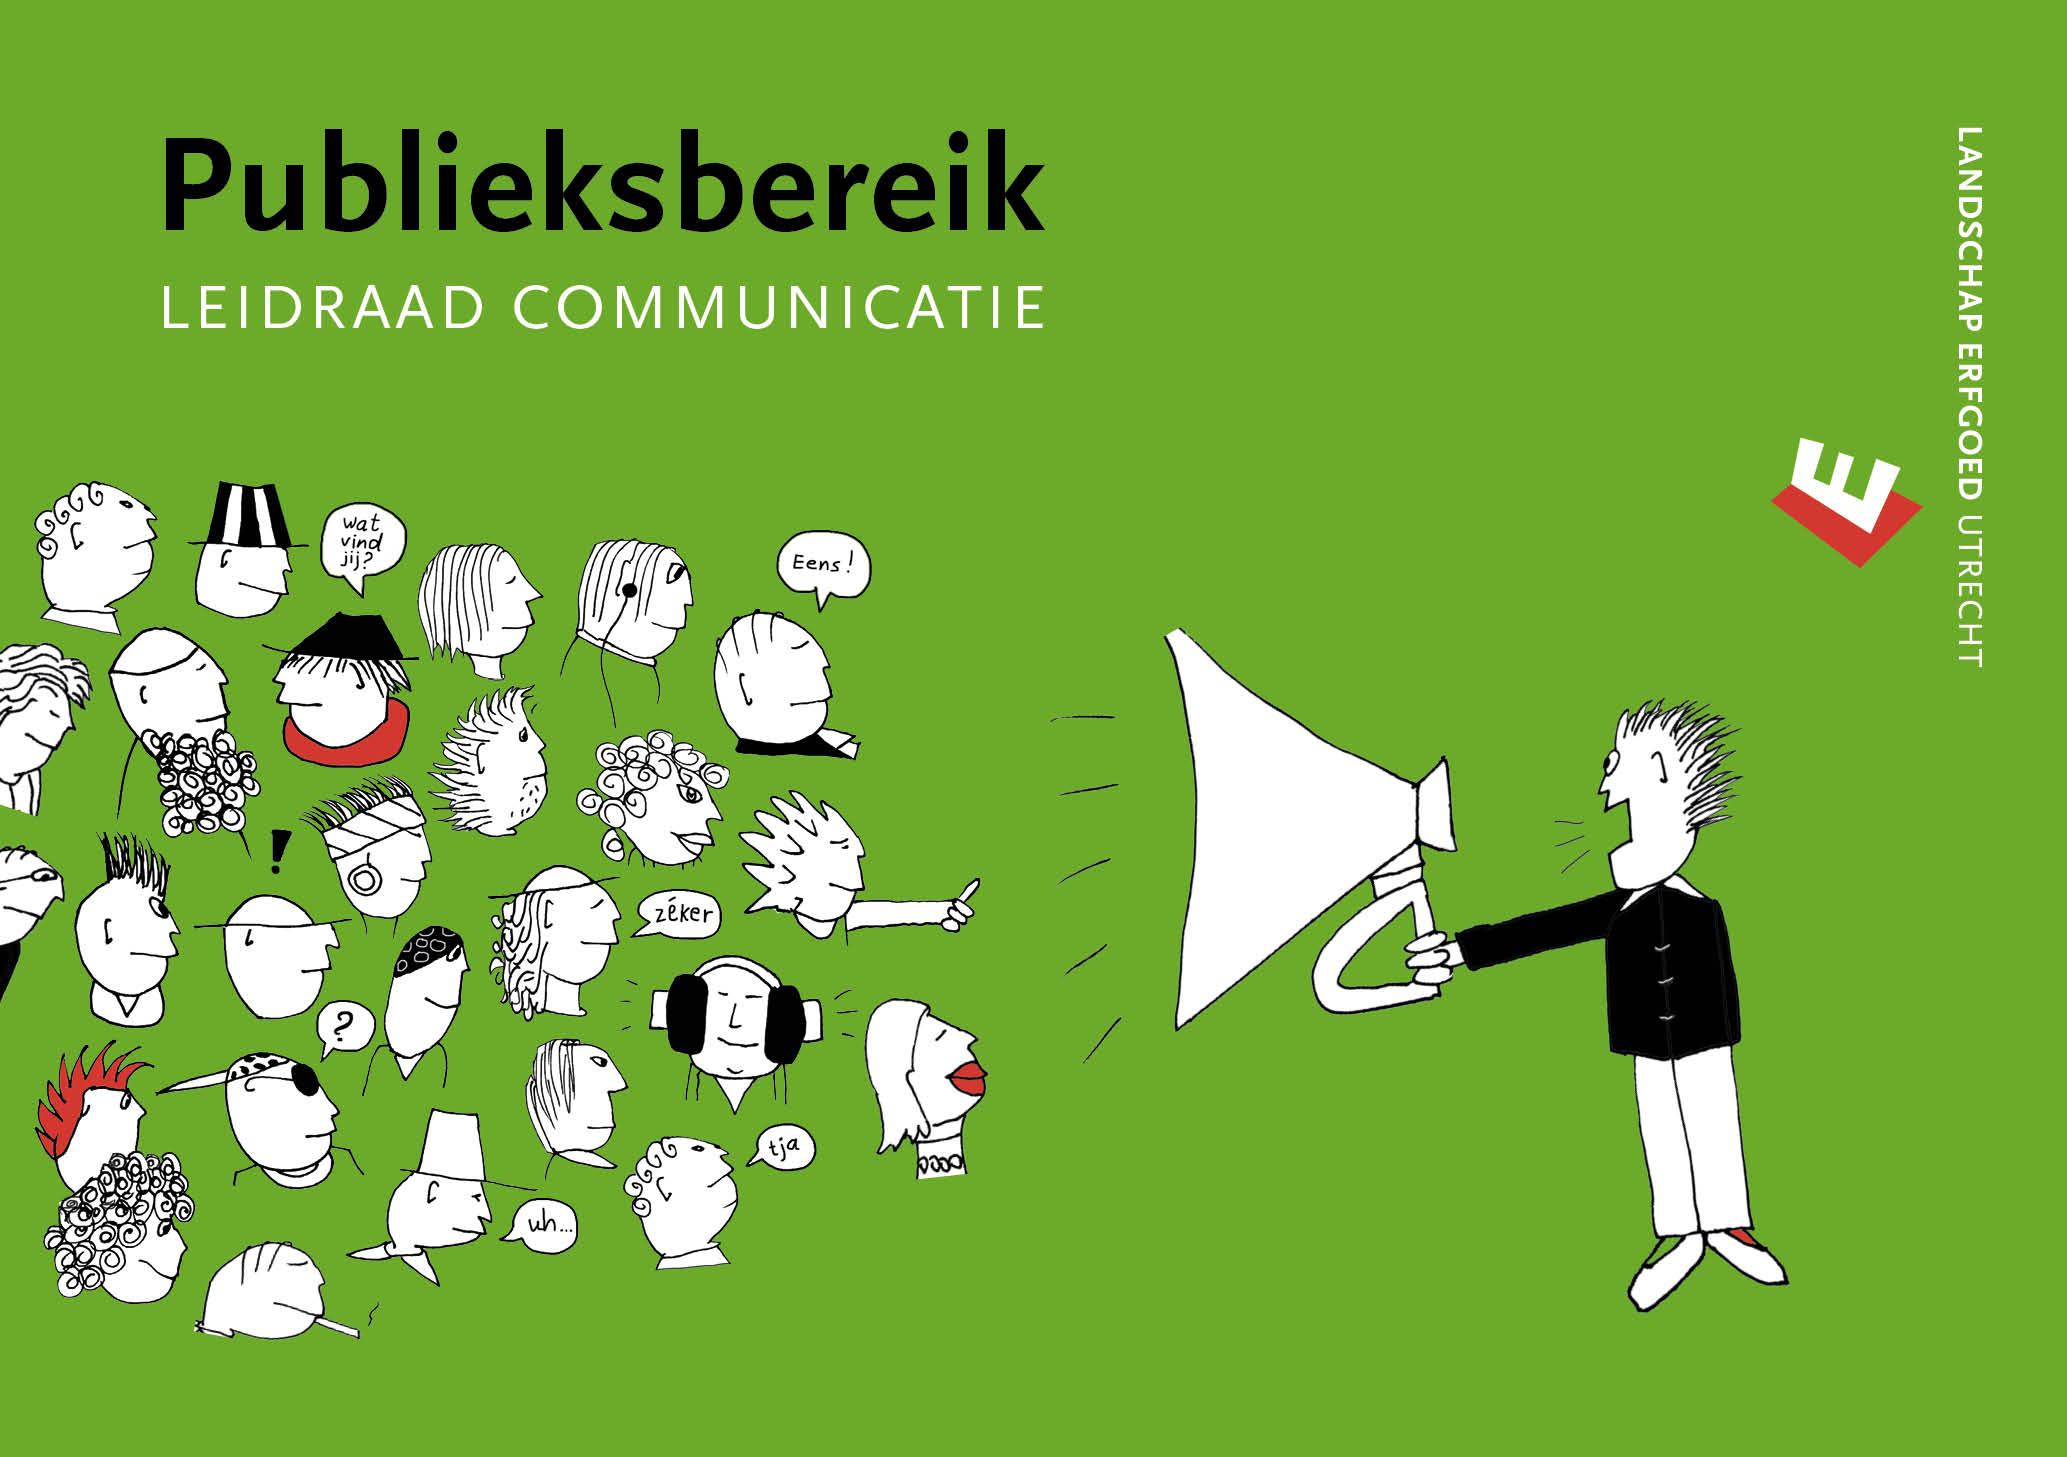 Omslagillustratie: een man schreeuwt door een megafoon zijn boodschap naar een menigte mensen die niet heel erg geïnteresseerd zijn …